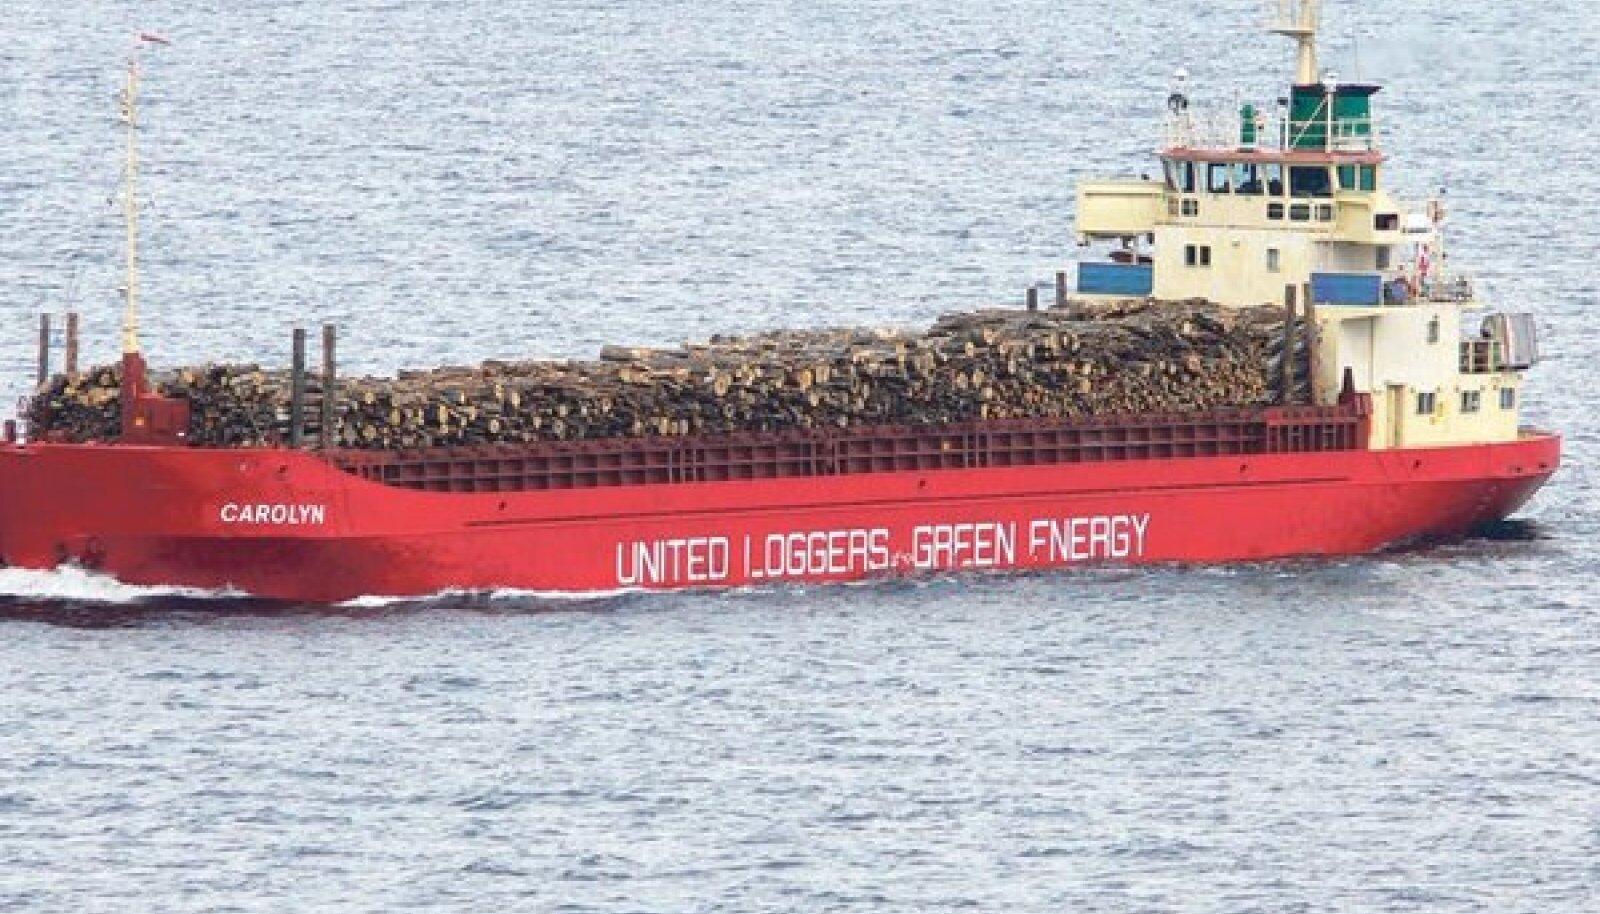 Peeter Volke ja üks United Loggersi kaubalaevadest, mis on läbi sõitnud palju Euroopa sadamaid. Foto: United loggers